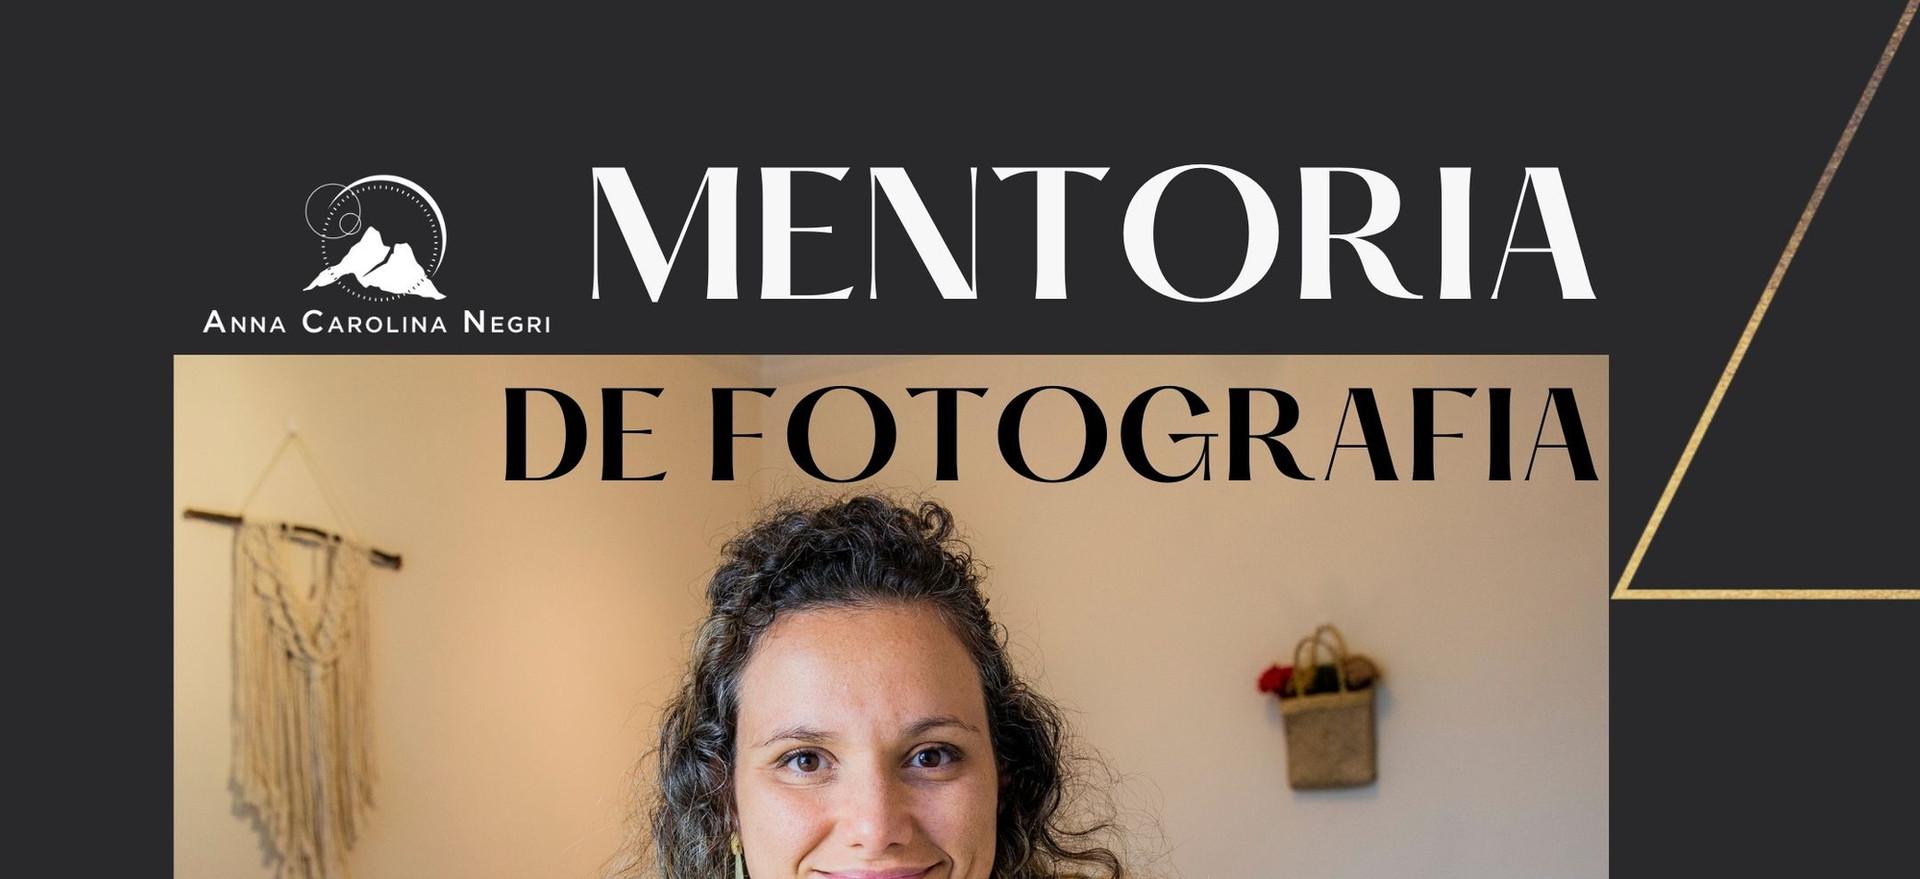 Mentoria individual de fotografia